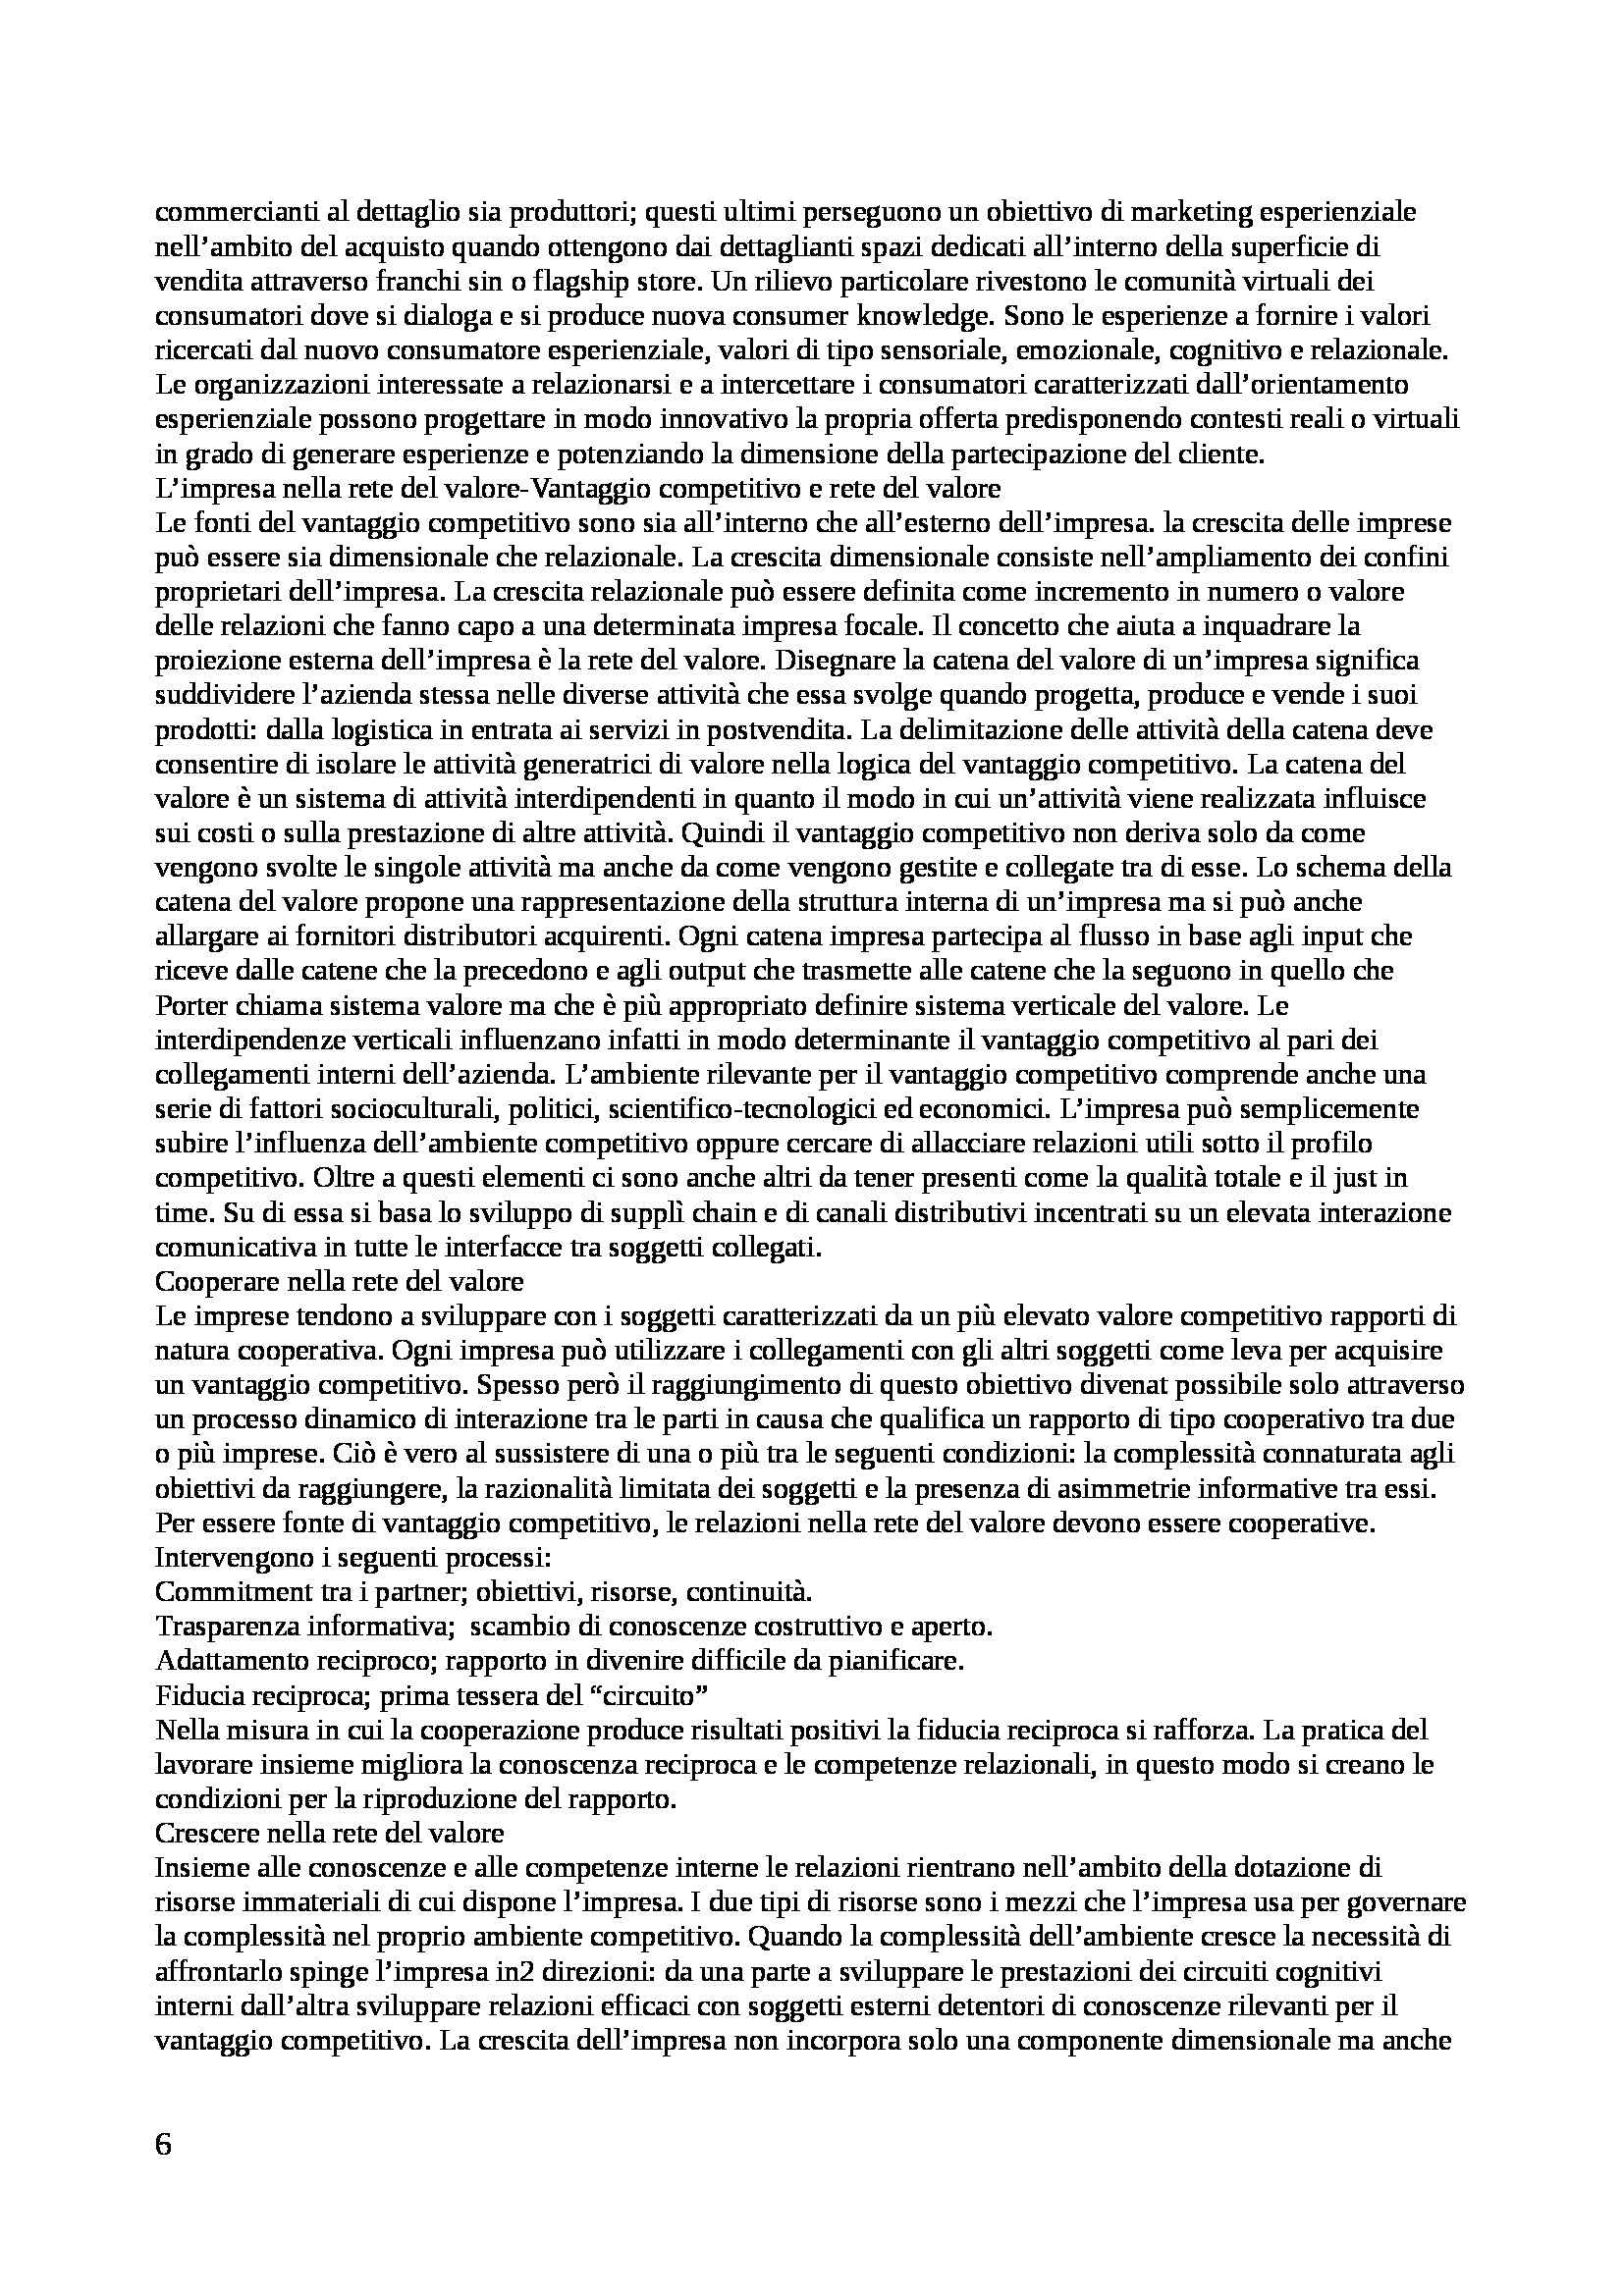 Riassunto esame Gestione delle Imprese, prof. Pagano, libro consigliato Economia e Management delle Imprese, Di Bernardo, Gandolfi Pag. 6